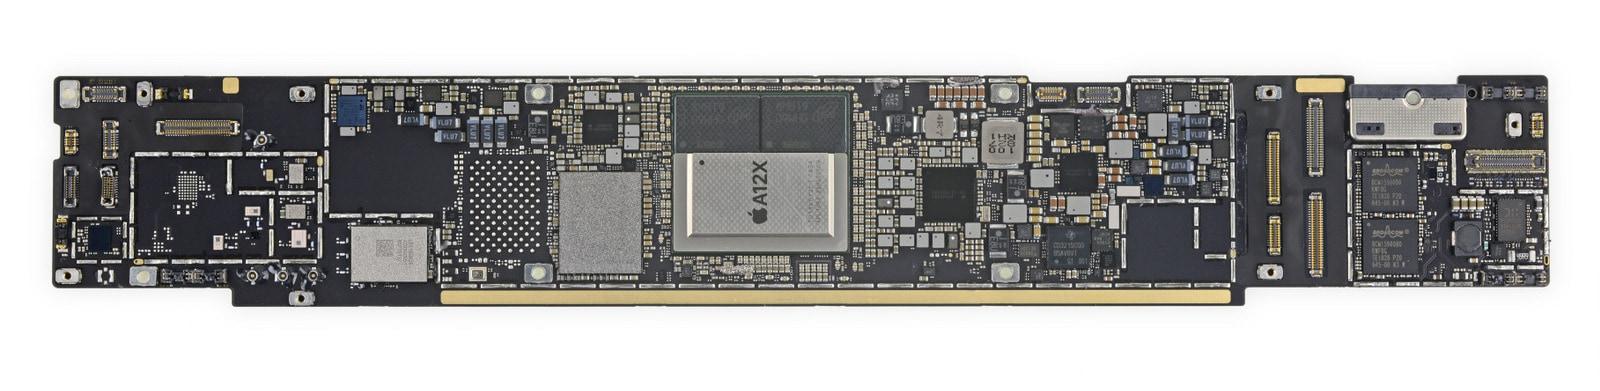 2018 iPad Pro logic board